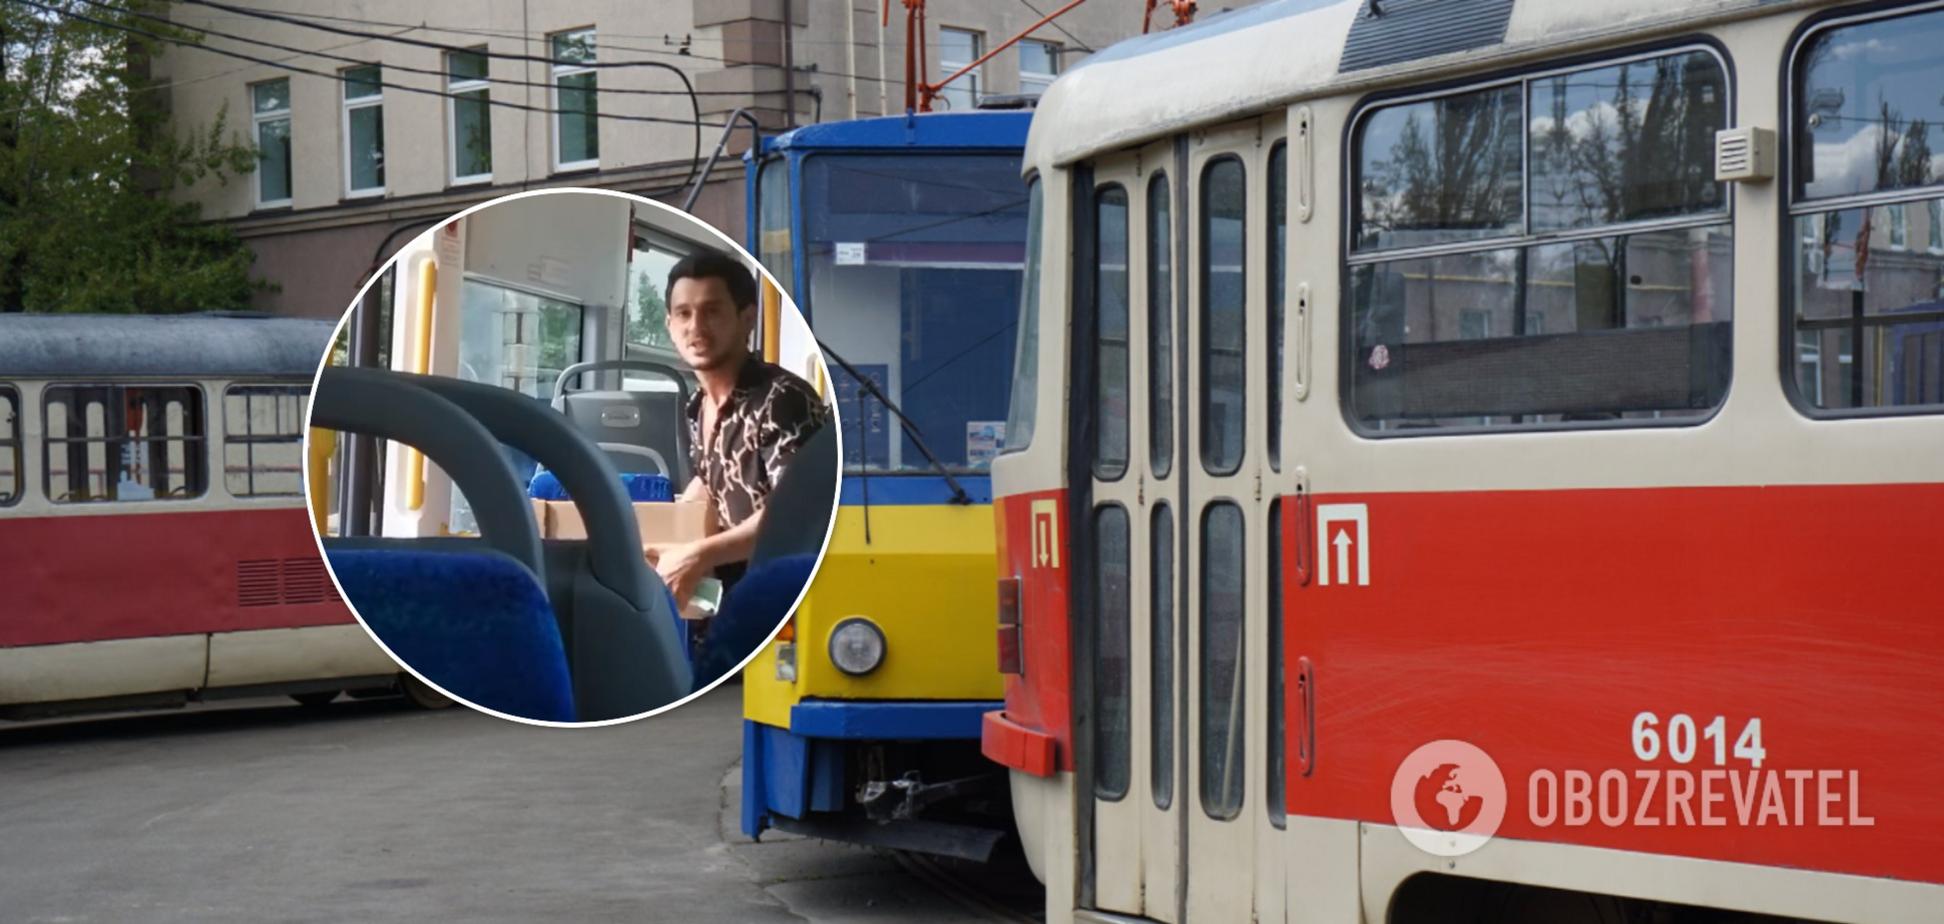 З київського трамвая вигнали іноземця з ящиком полуниці. Відео скандалу